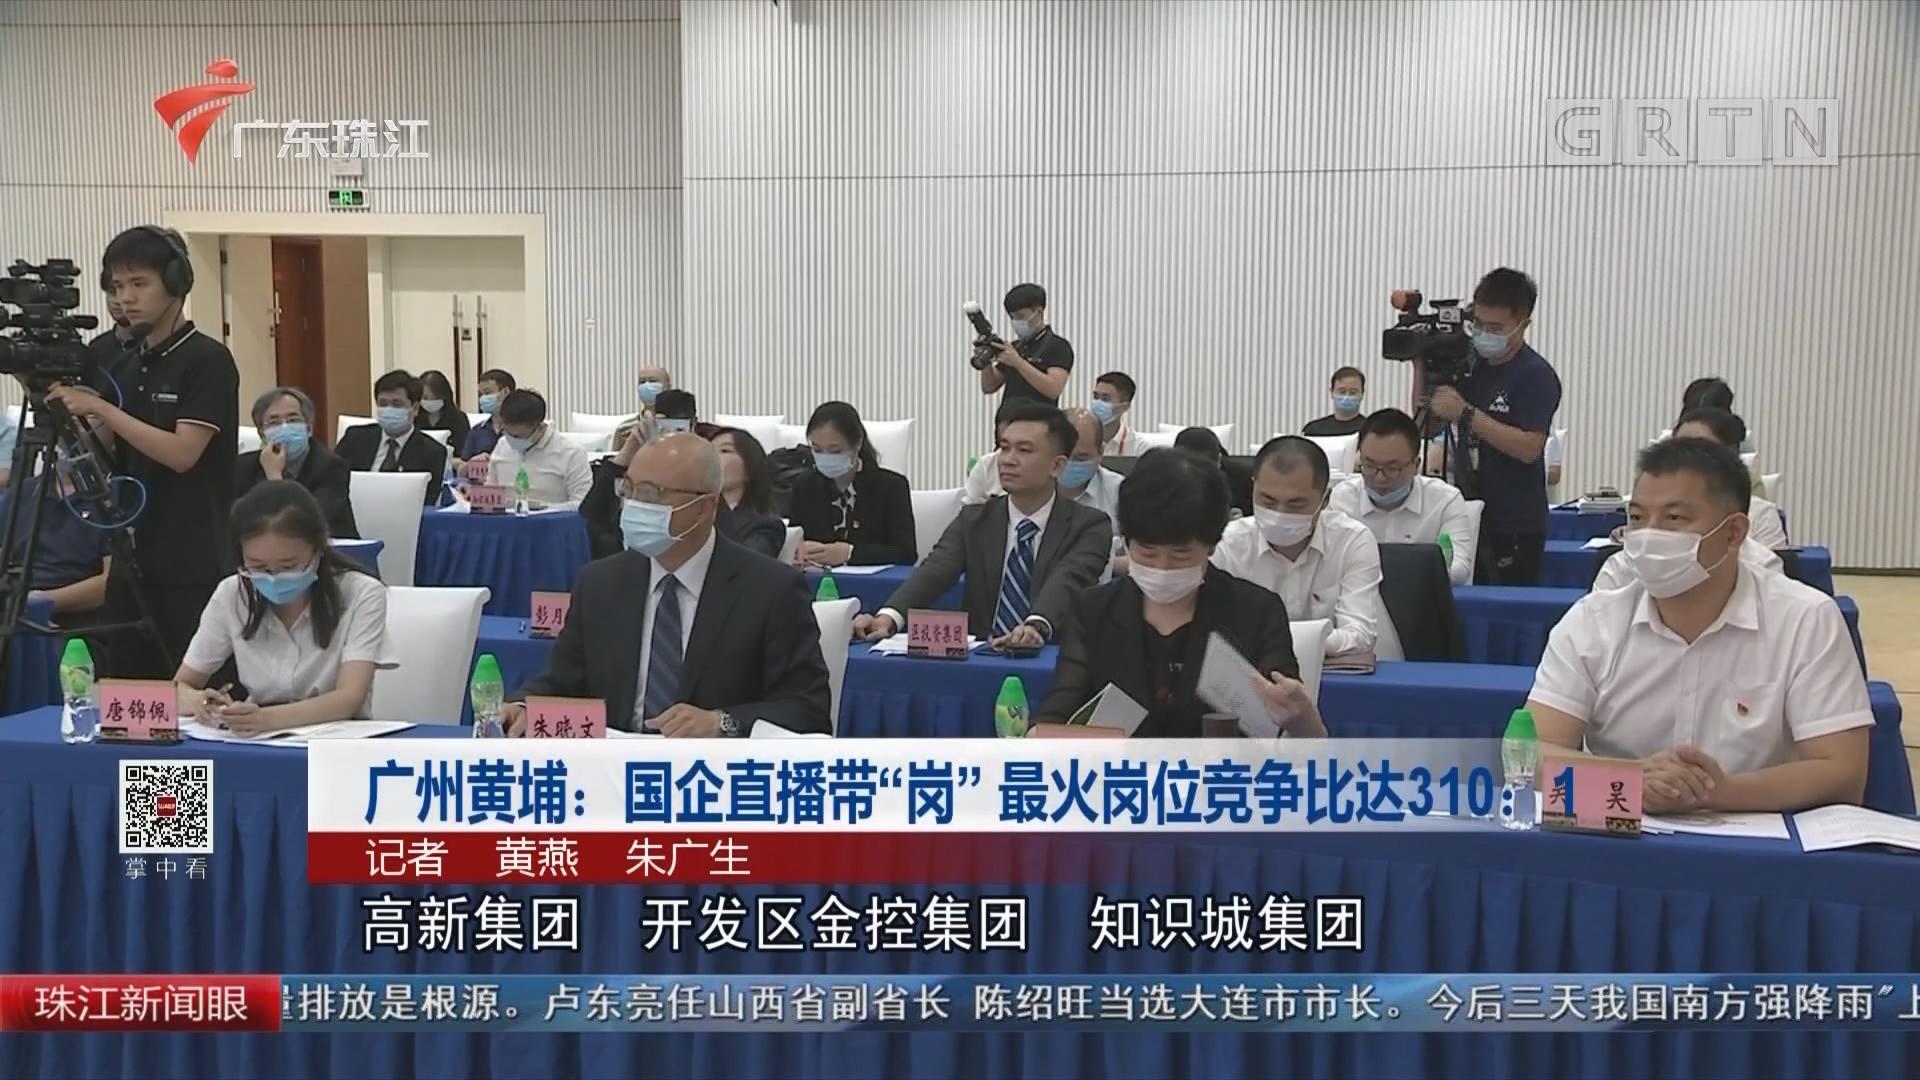 """广州黄埔:国企直播带""""岗"""" 最火岗位竞争比达310:1"""